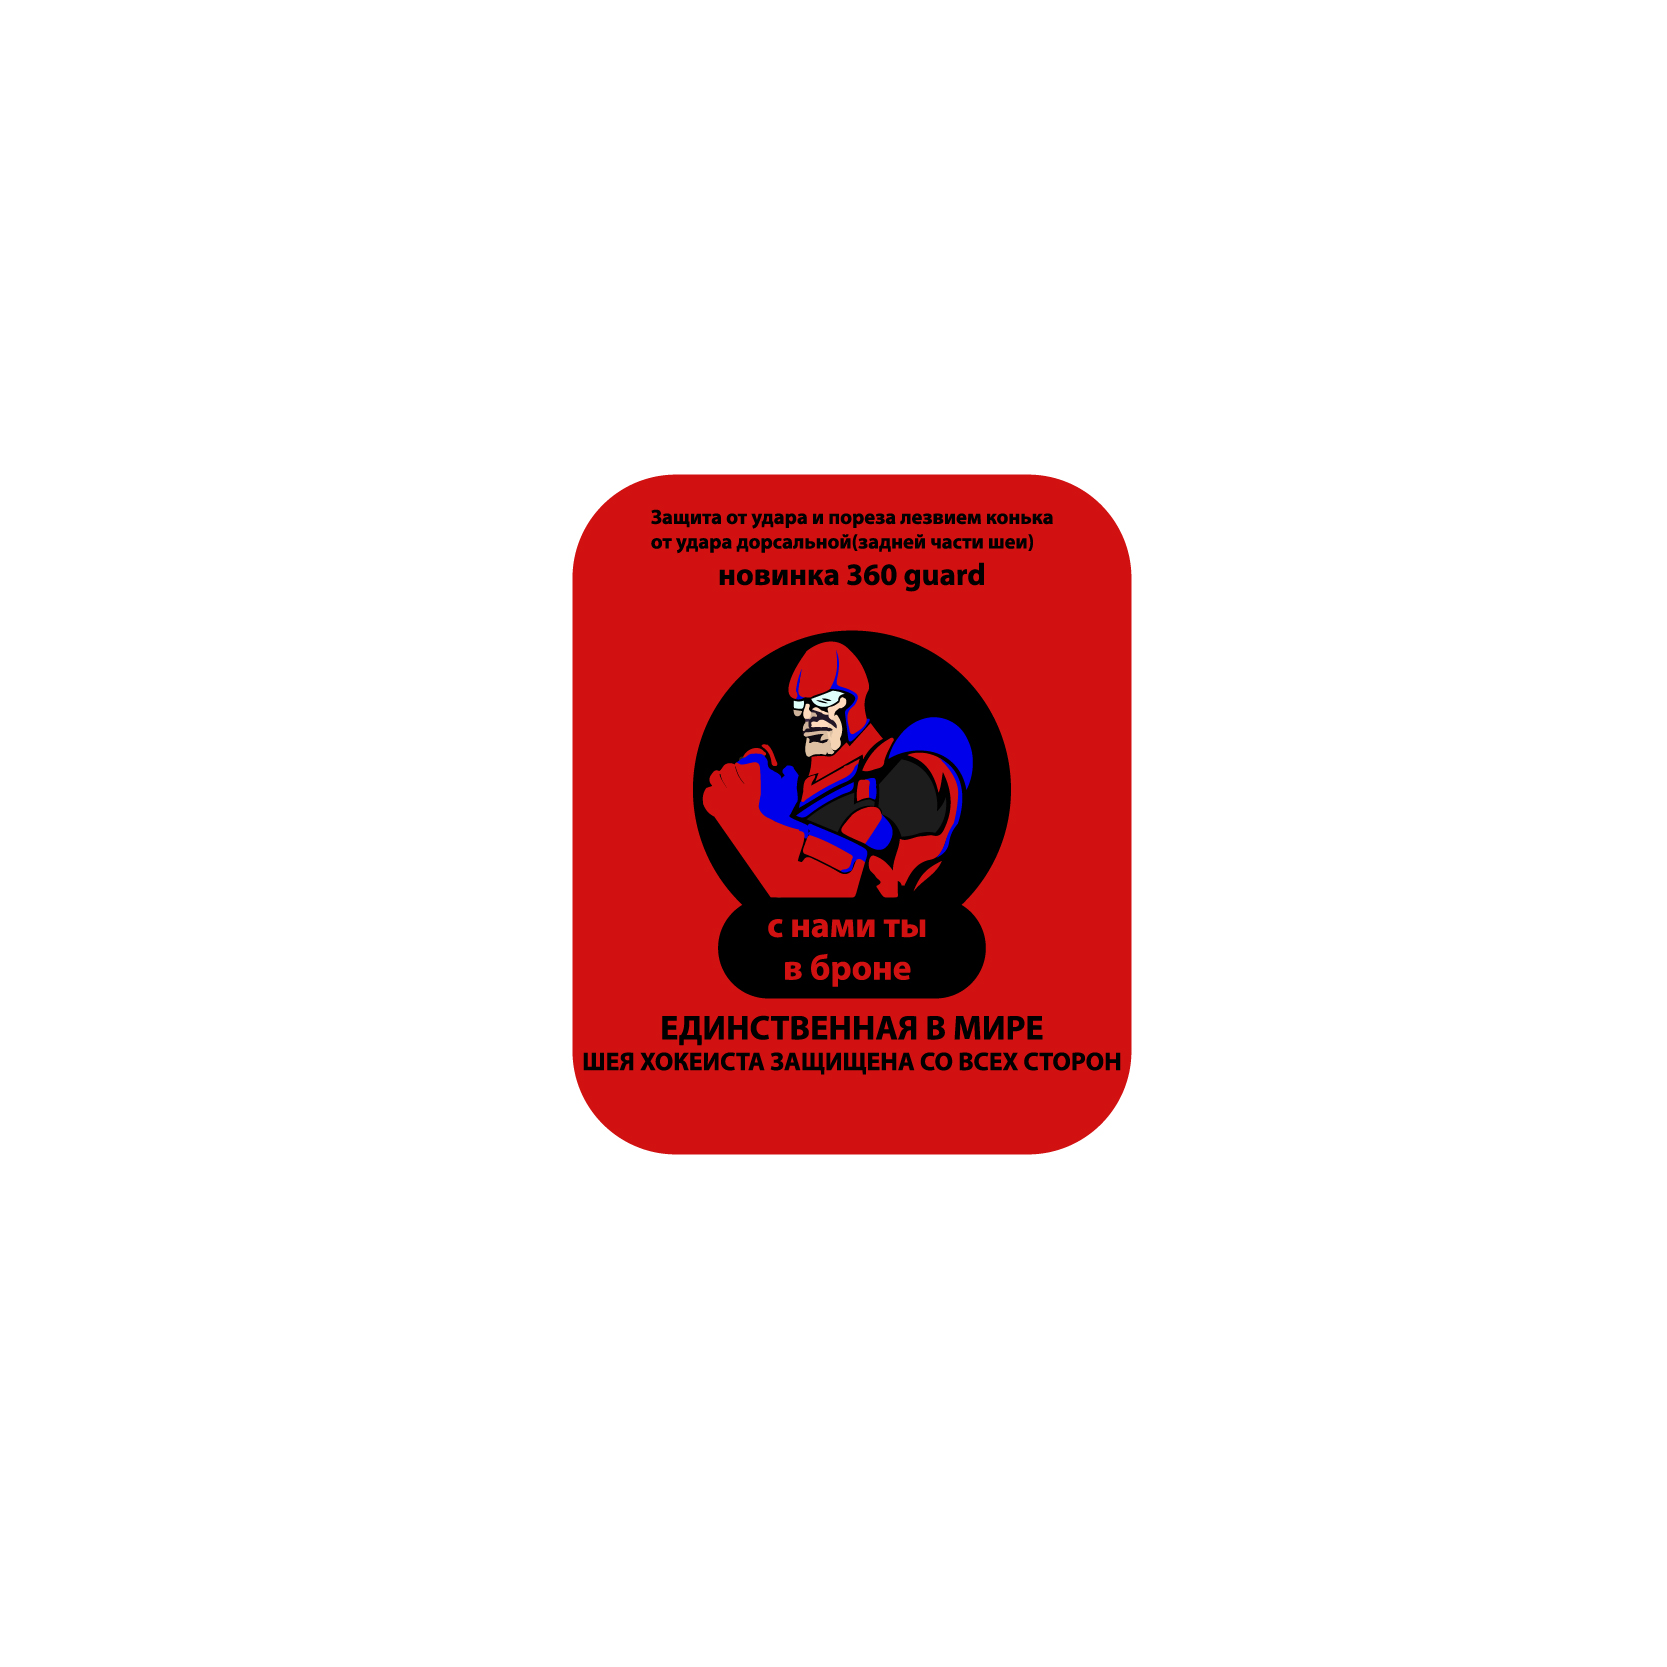 Дизайн продающей наклейки на упаковку уникального продукта фото f_1895b234544f2af2.jpg